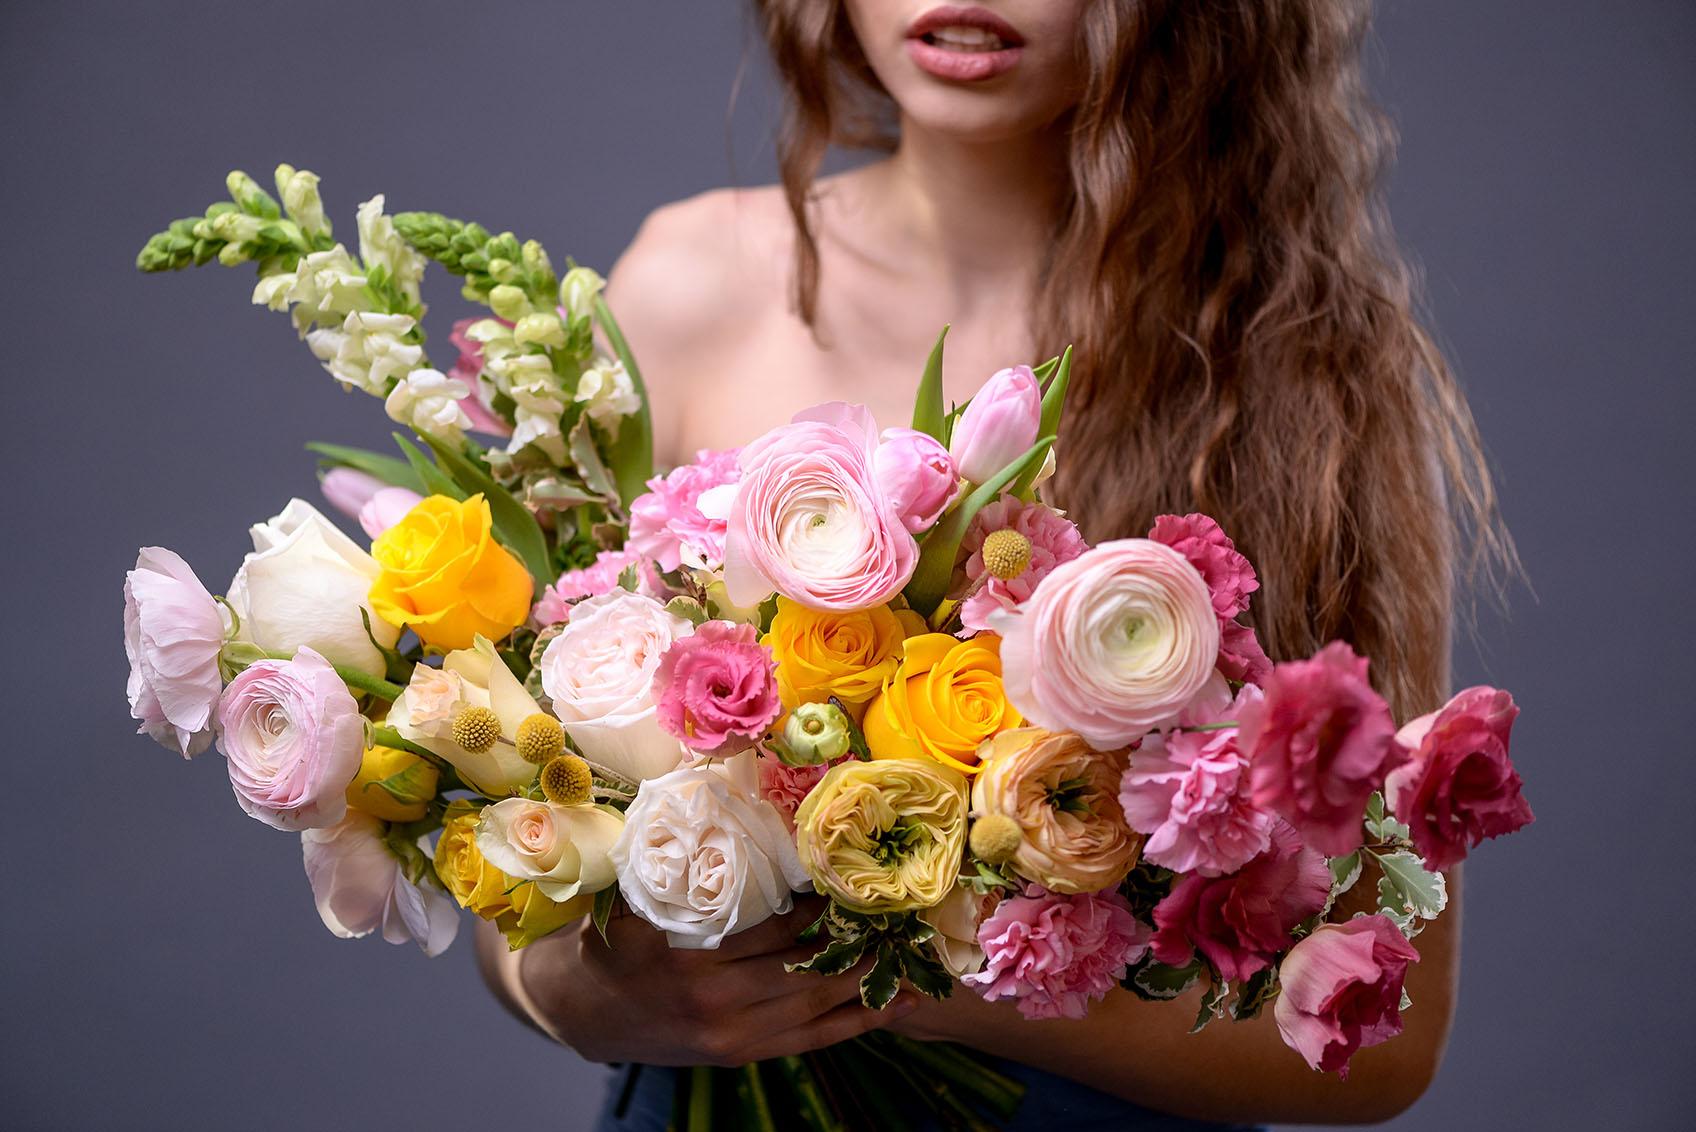 Как ухаживать за букетом цветов?